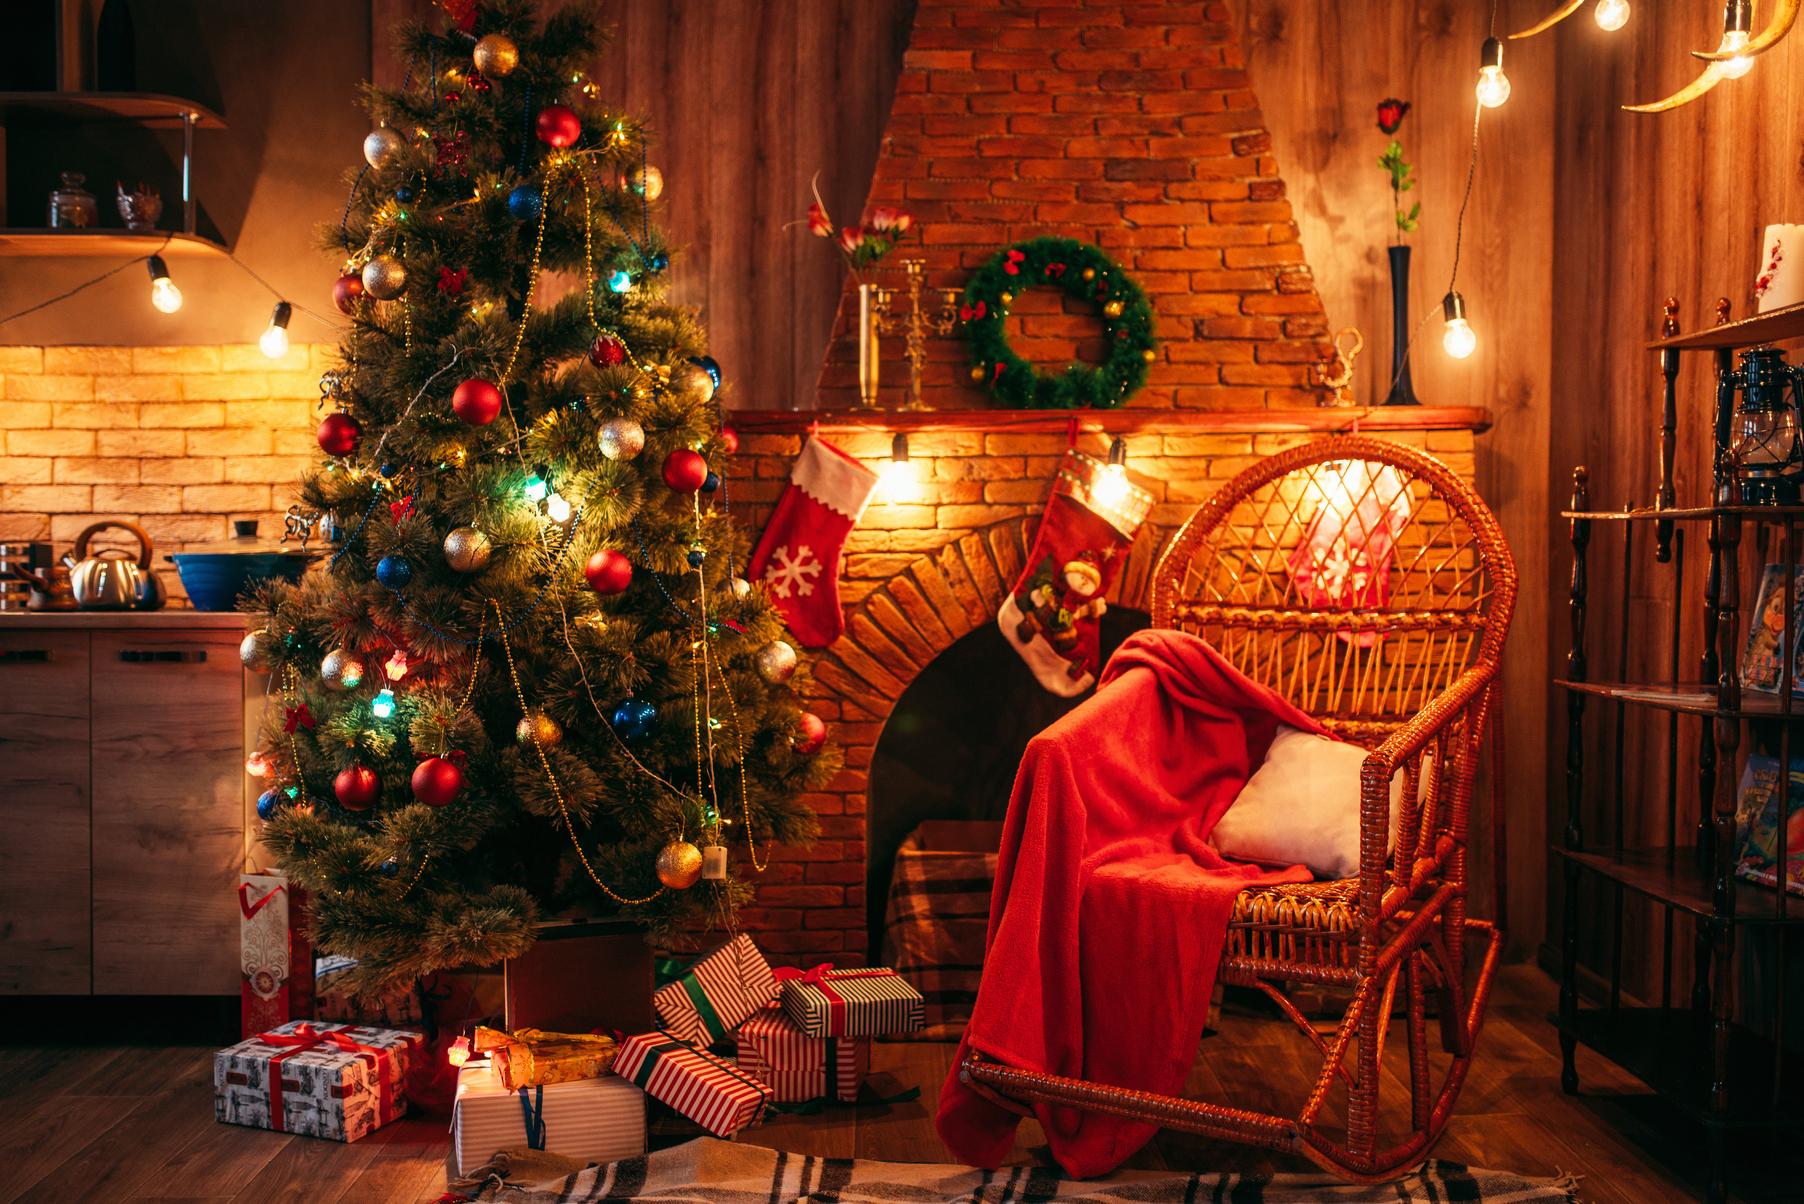 schon-dekoriertes-haus-fur-weihnachten